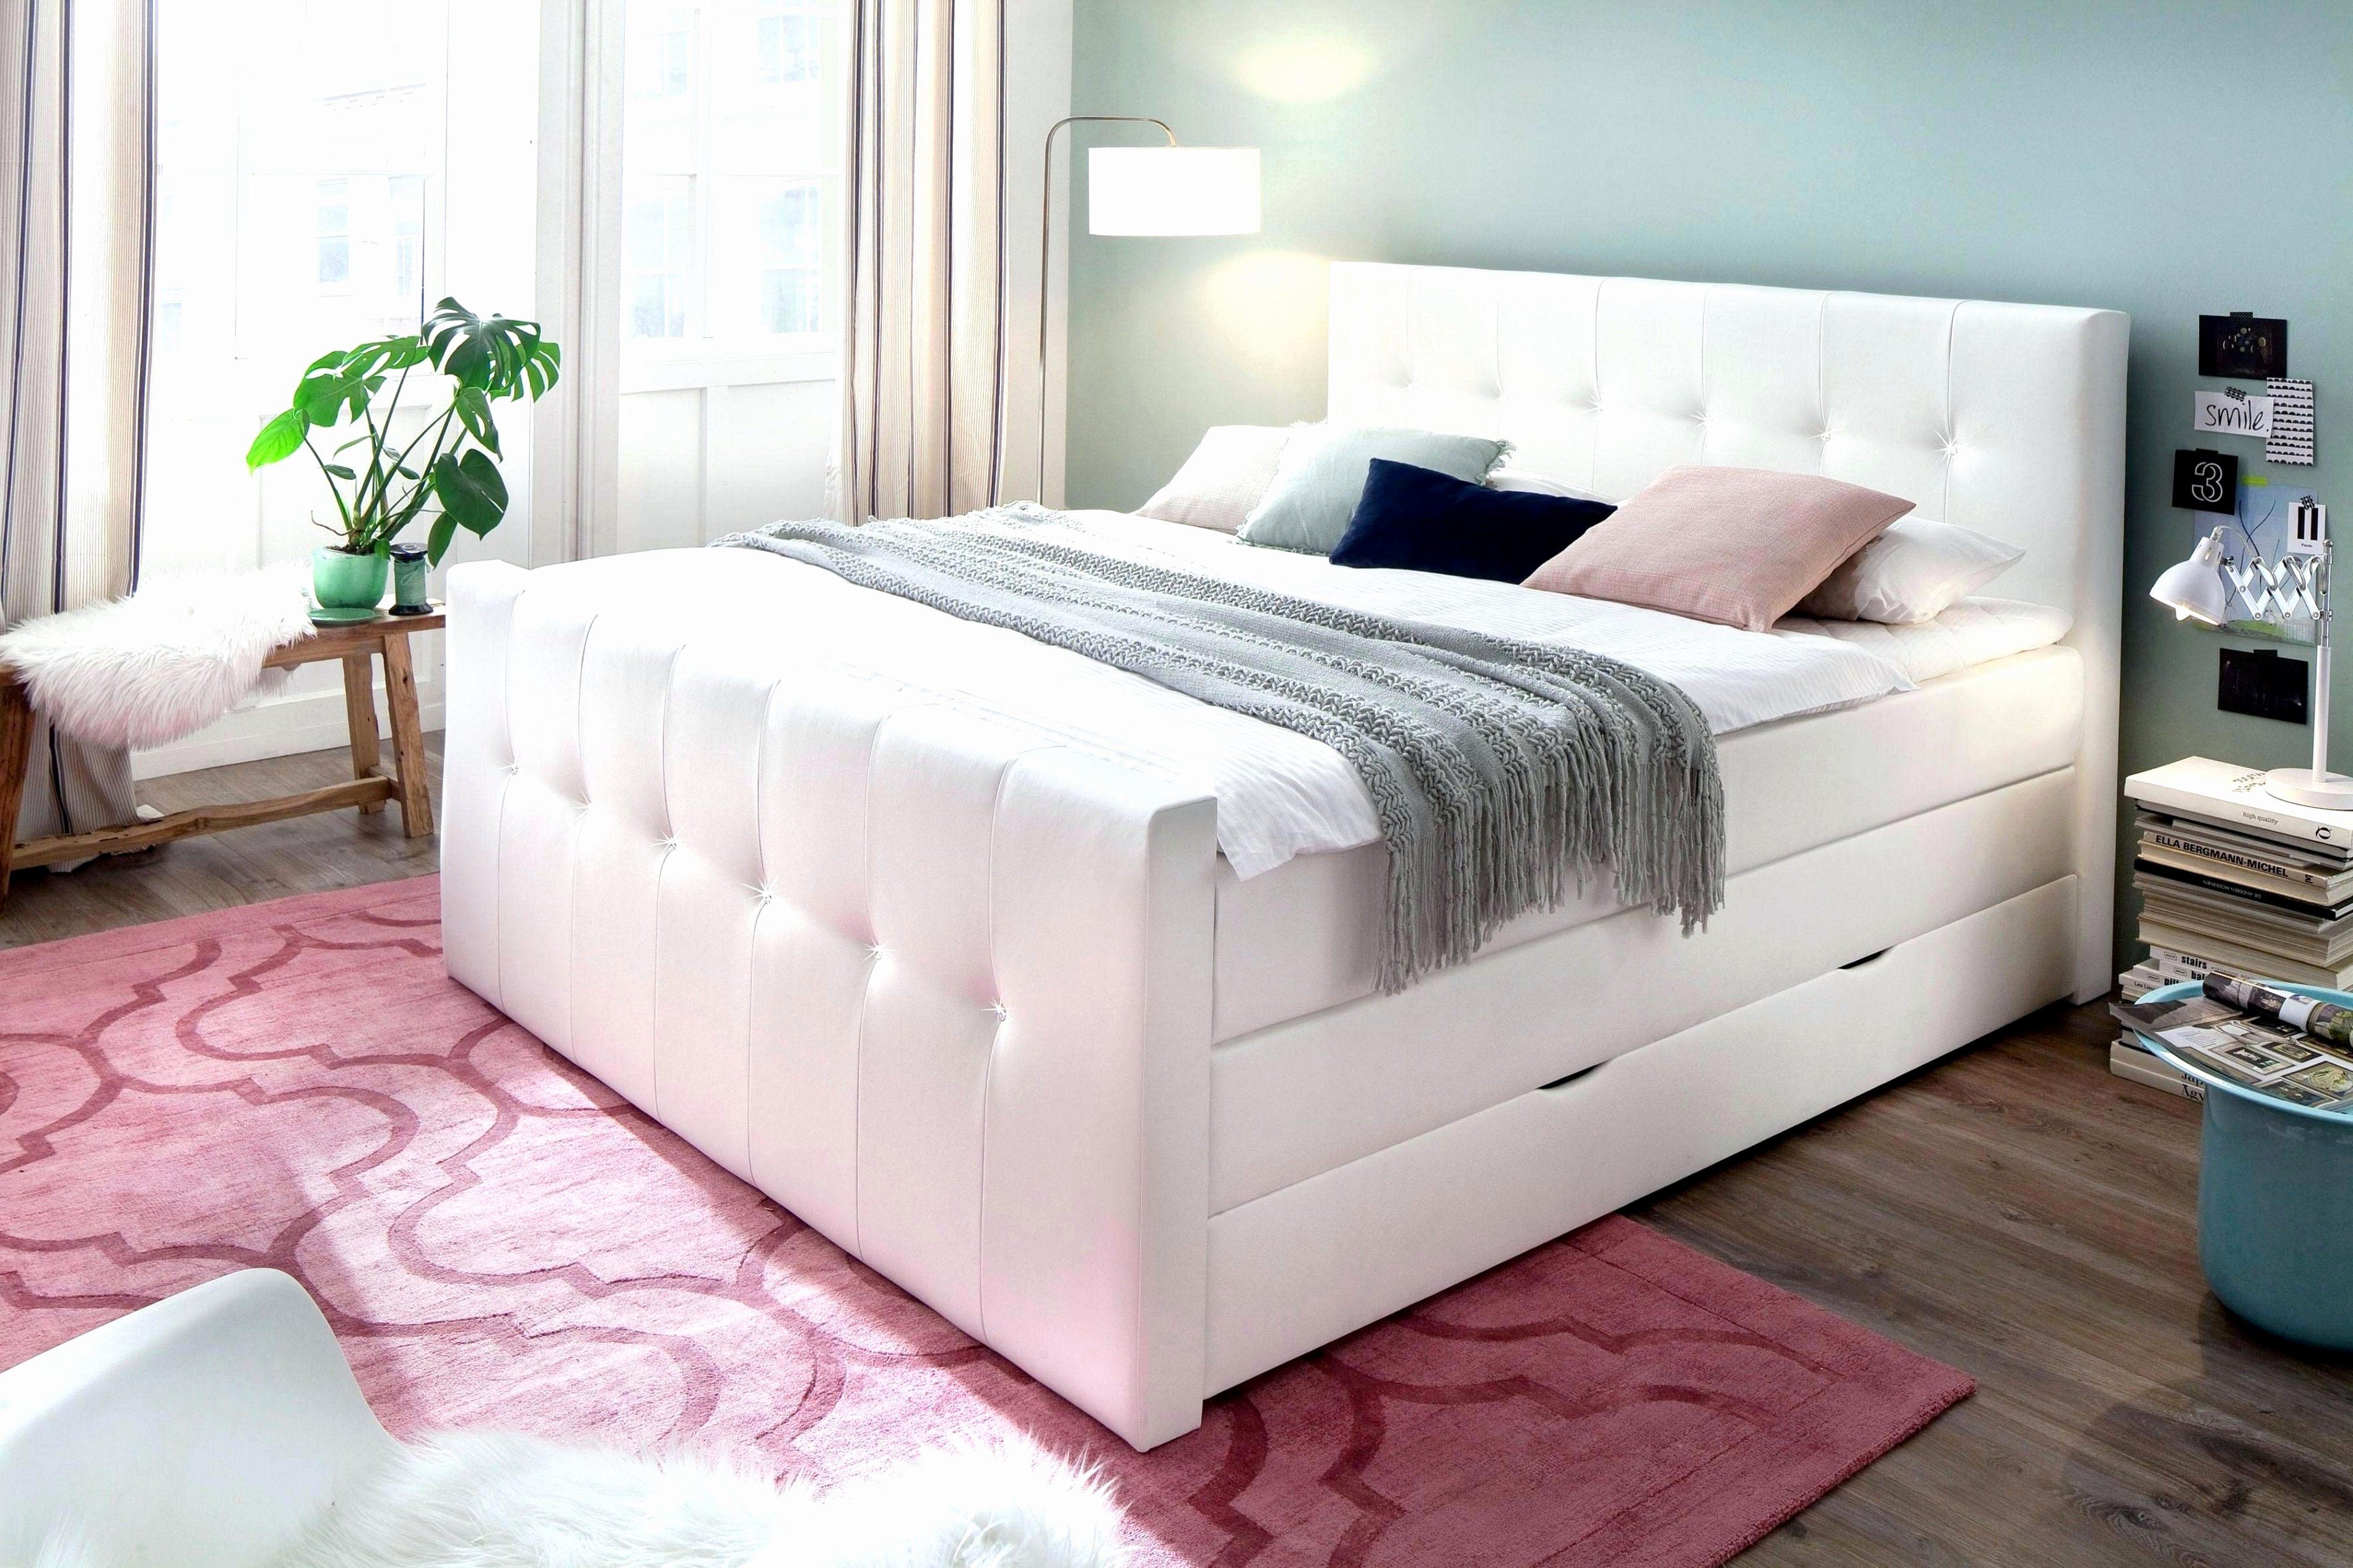 Lit Coffre 140×190 Génial Lit Design Led 140—190 Génial Luxe élégant Le Meilleur De Beau